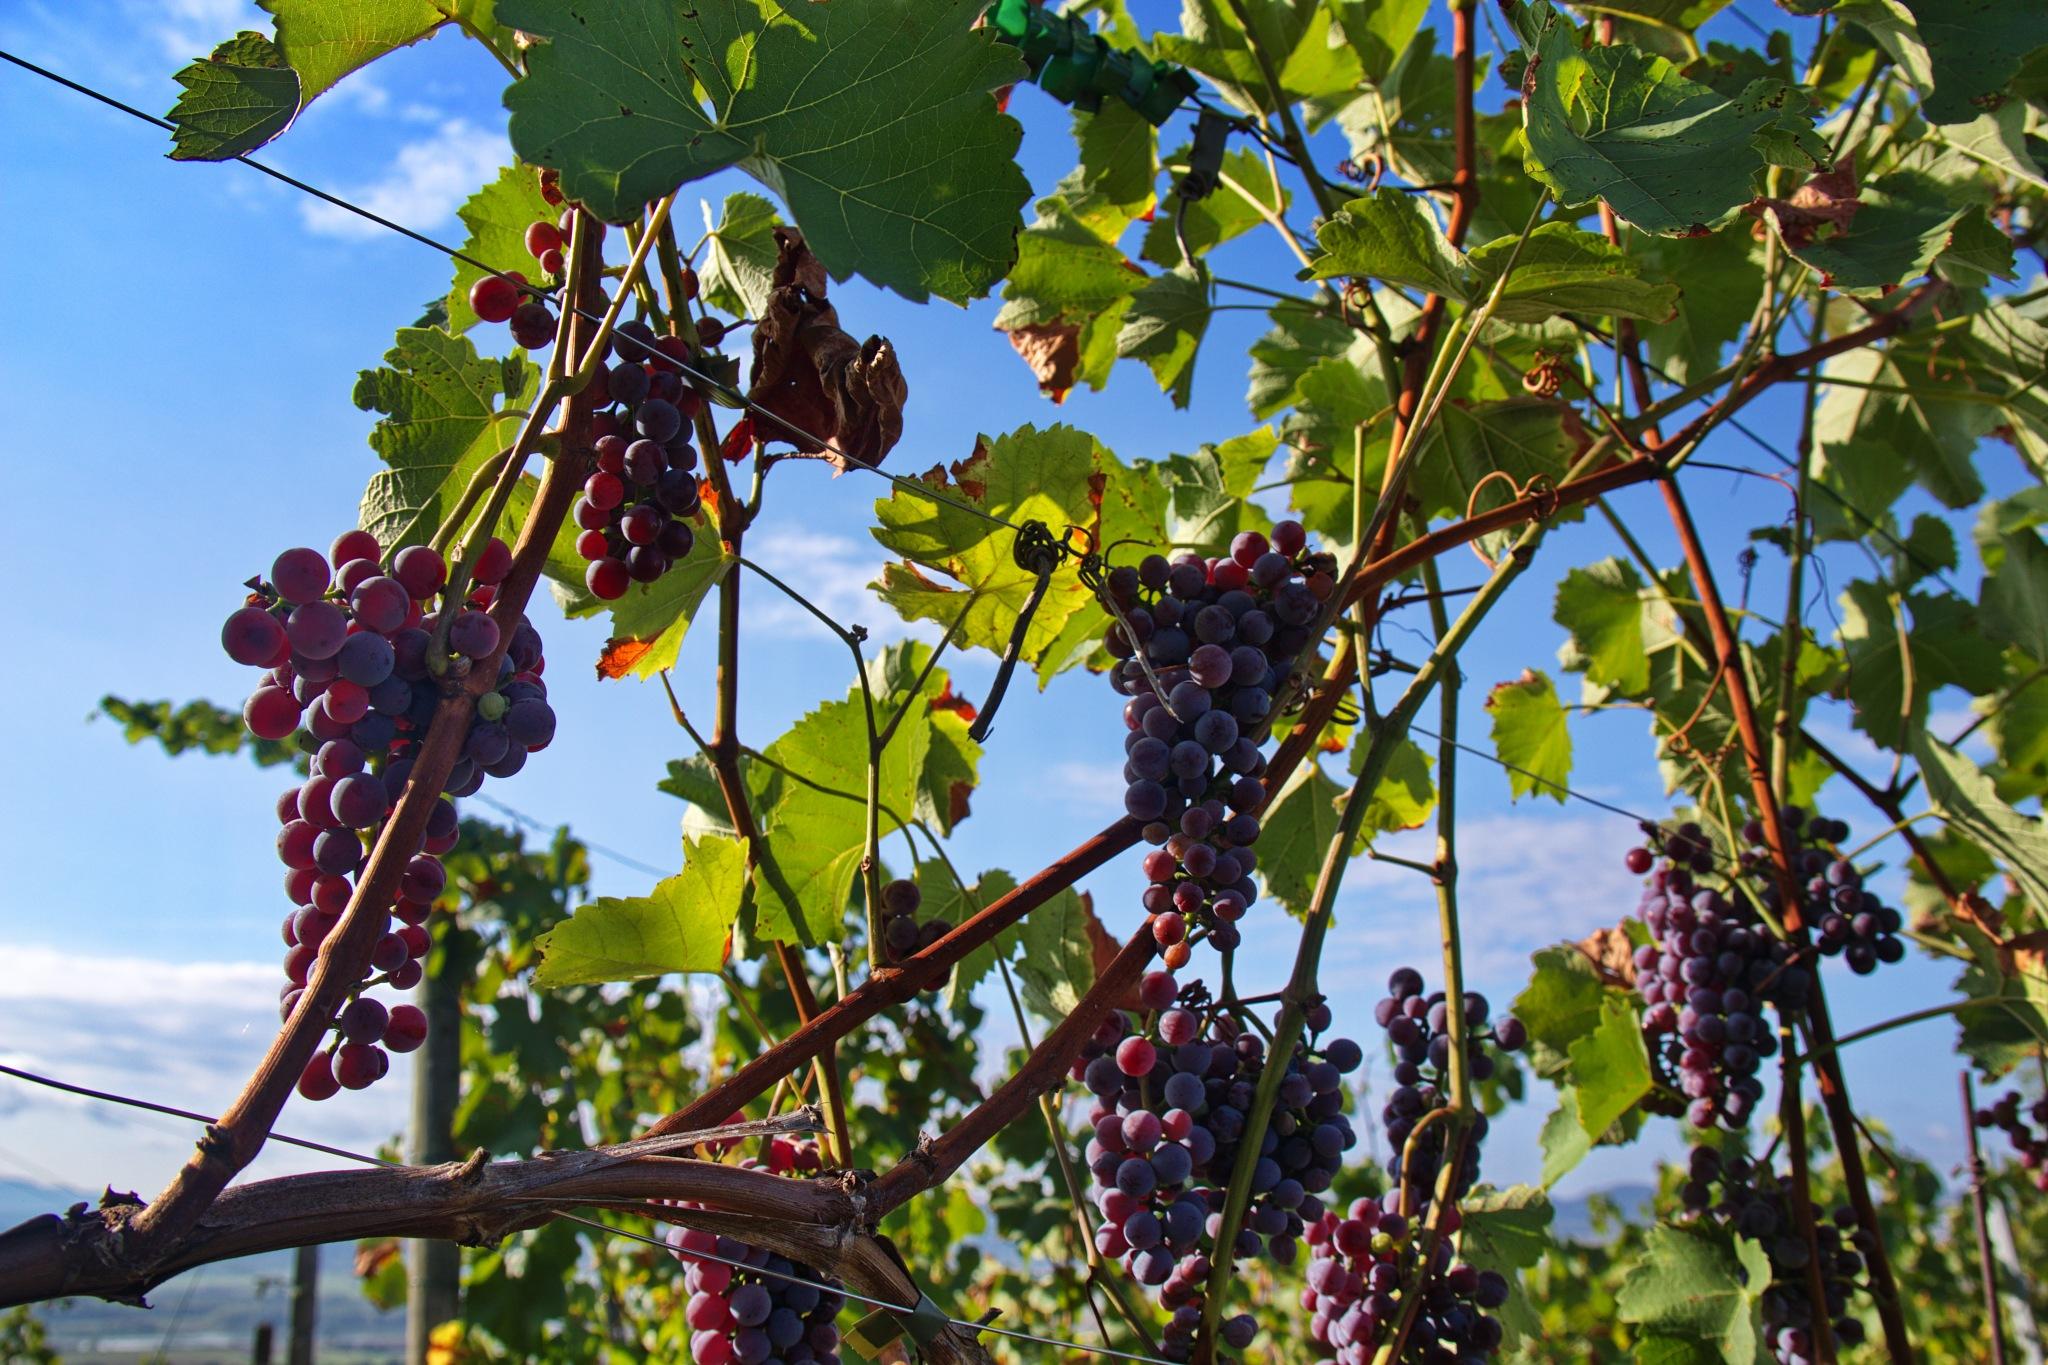 Wein / wine by Rolf-Dieter Balindt